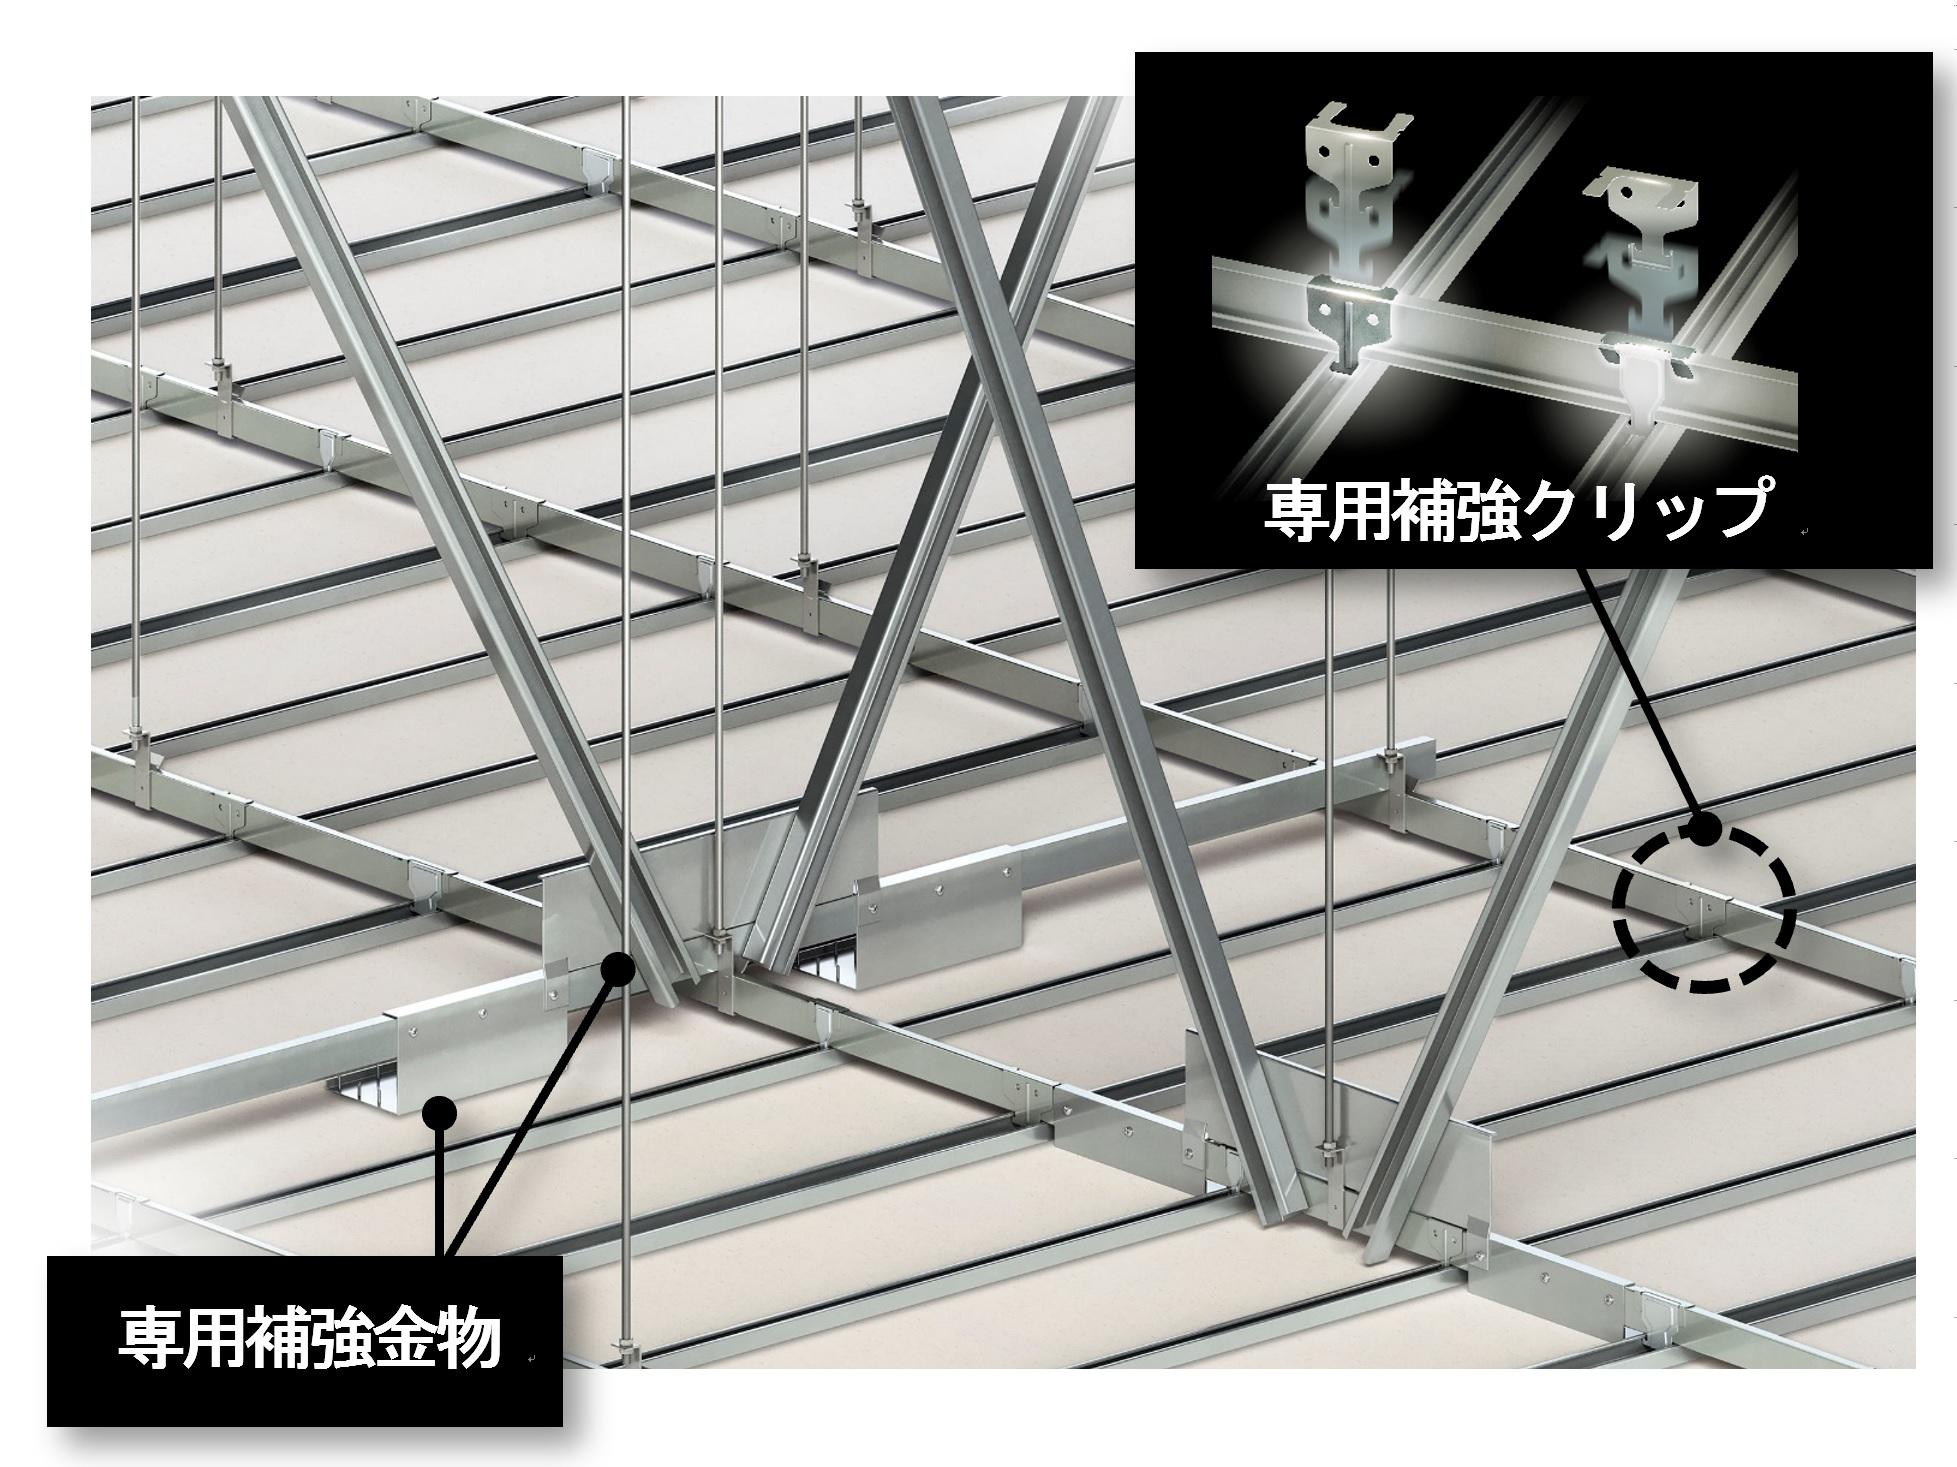 大和ハウス、3タイプの耐震吊り天井を開発